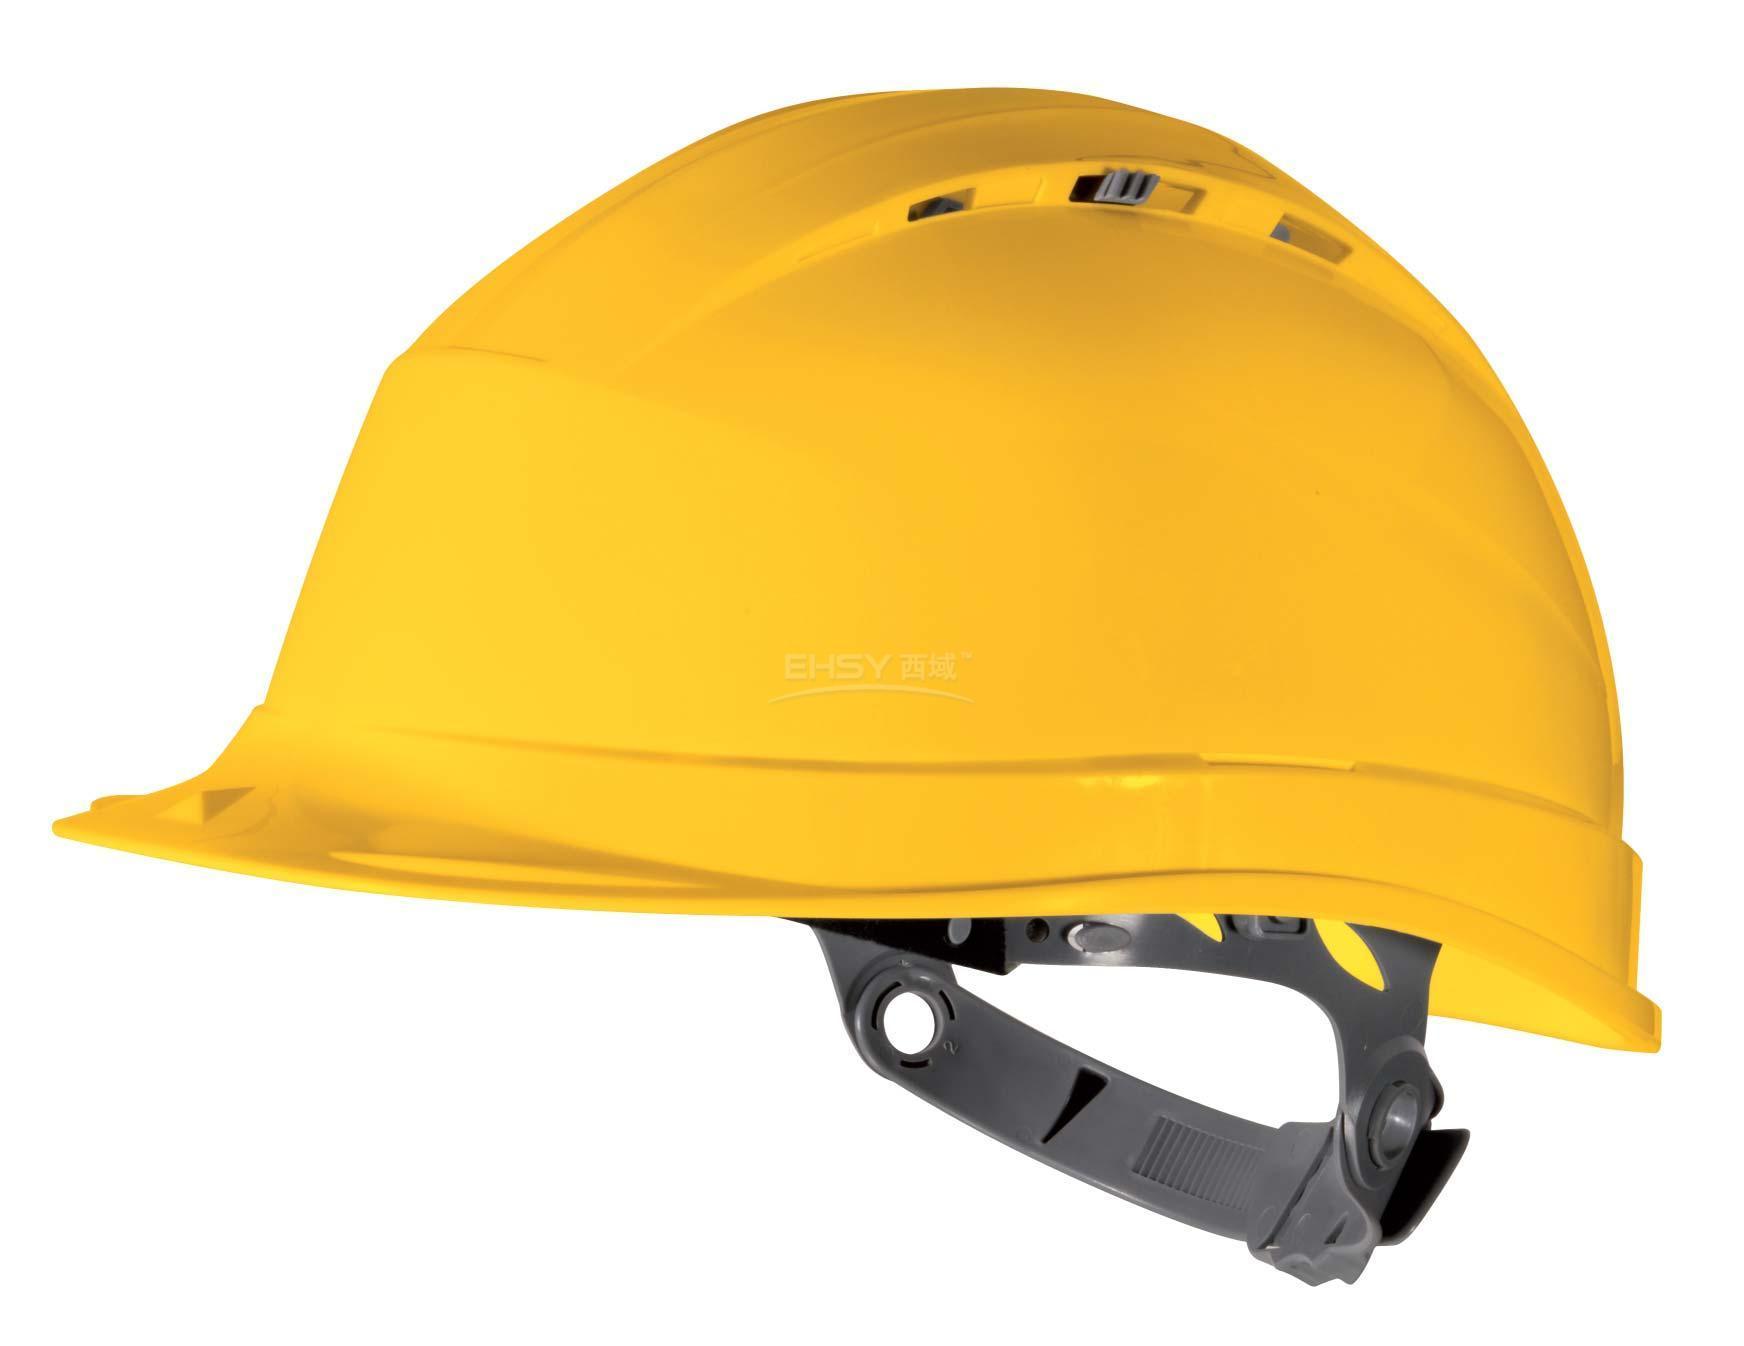 耳罩_耳罩供货商_供应代尔塔耳罩烟台防噪音耳罩